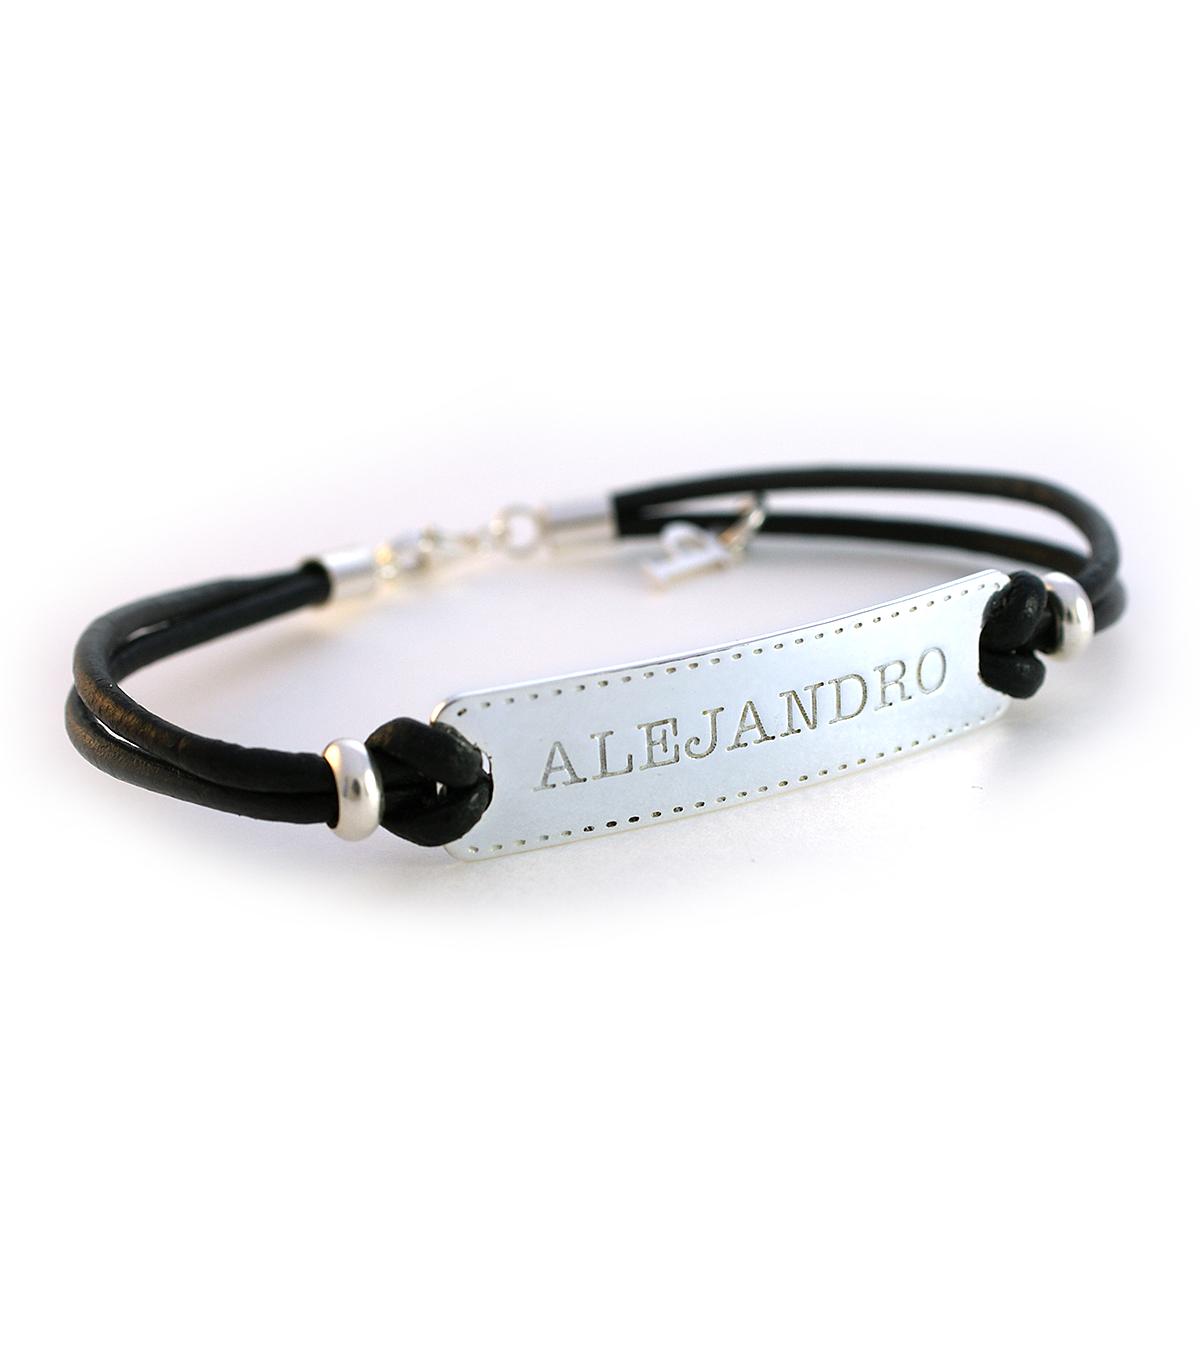 7c9998000047 Pulseras de cuero y plata personalizadas – Nome - Joyas de moda para ...